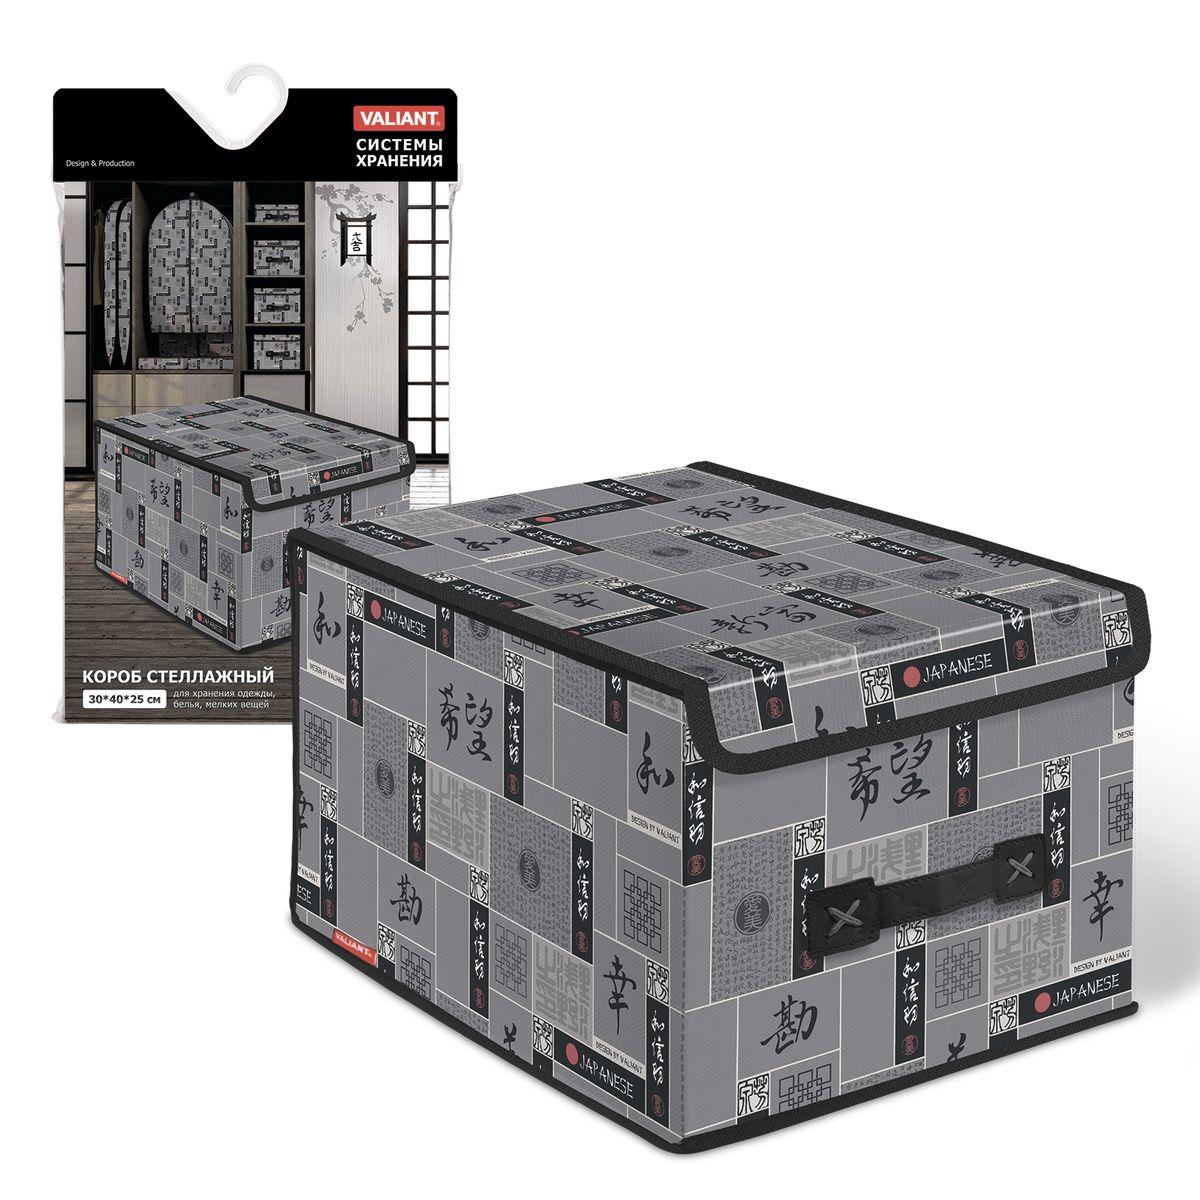 Короб стеллажный Valiant Japanese White, с крышкой, 30 х 40 х 25 смJW-BOX-LMСтеллажный короб Valiant Japanese White изготовлен из высококачественного нетканого материала, который обеспечивает естественную вентиляцию, позволяя воздуху проникать внутрь, но не пропускает пыль. Вставки из плотного картона хорошо держат форму. Короб снабжен специальной крышкой, которая фиксируется с помощью двух магнитов. Изделие отличается мобильностью: легко раскладывается и складывается. В таком коробе удобно хранить одежду, белье и мелкие аксессуары. Красивый авторский дизайн прекрасно впишется в интерьер женского гардероба и создаст трогательную атмосферу романтического настроения. Оригинальный дизайн придется по вкусу ценительницам эстетичного хранения. Системы хранения в едином дизайне сделают вашу гардеробную изысканной и невероятно стильной.